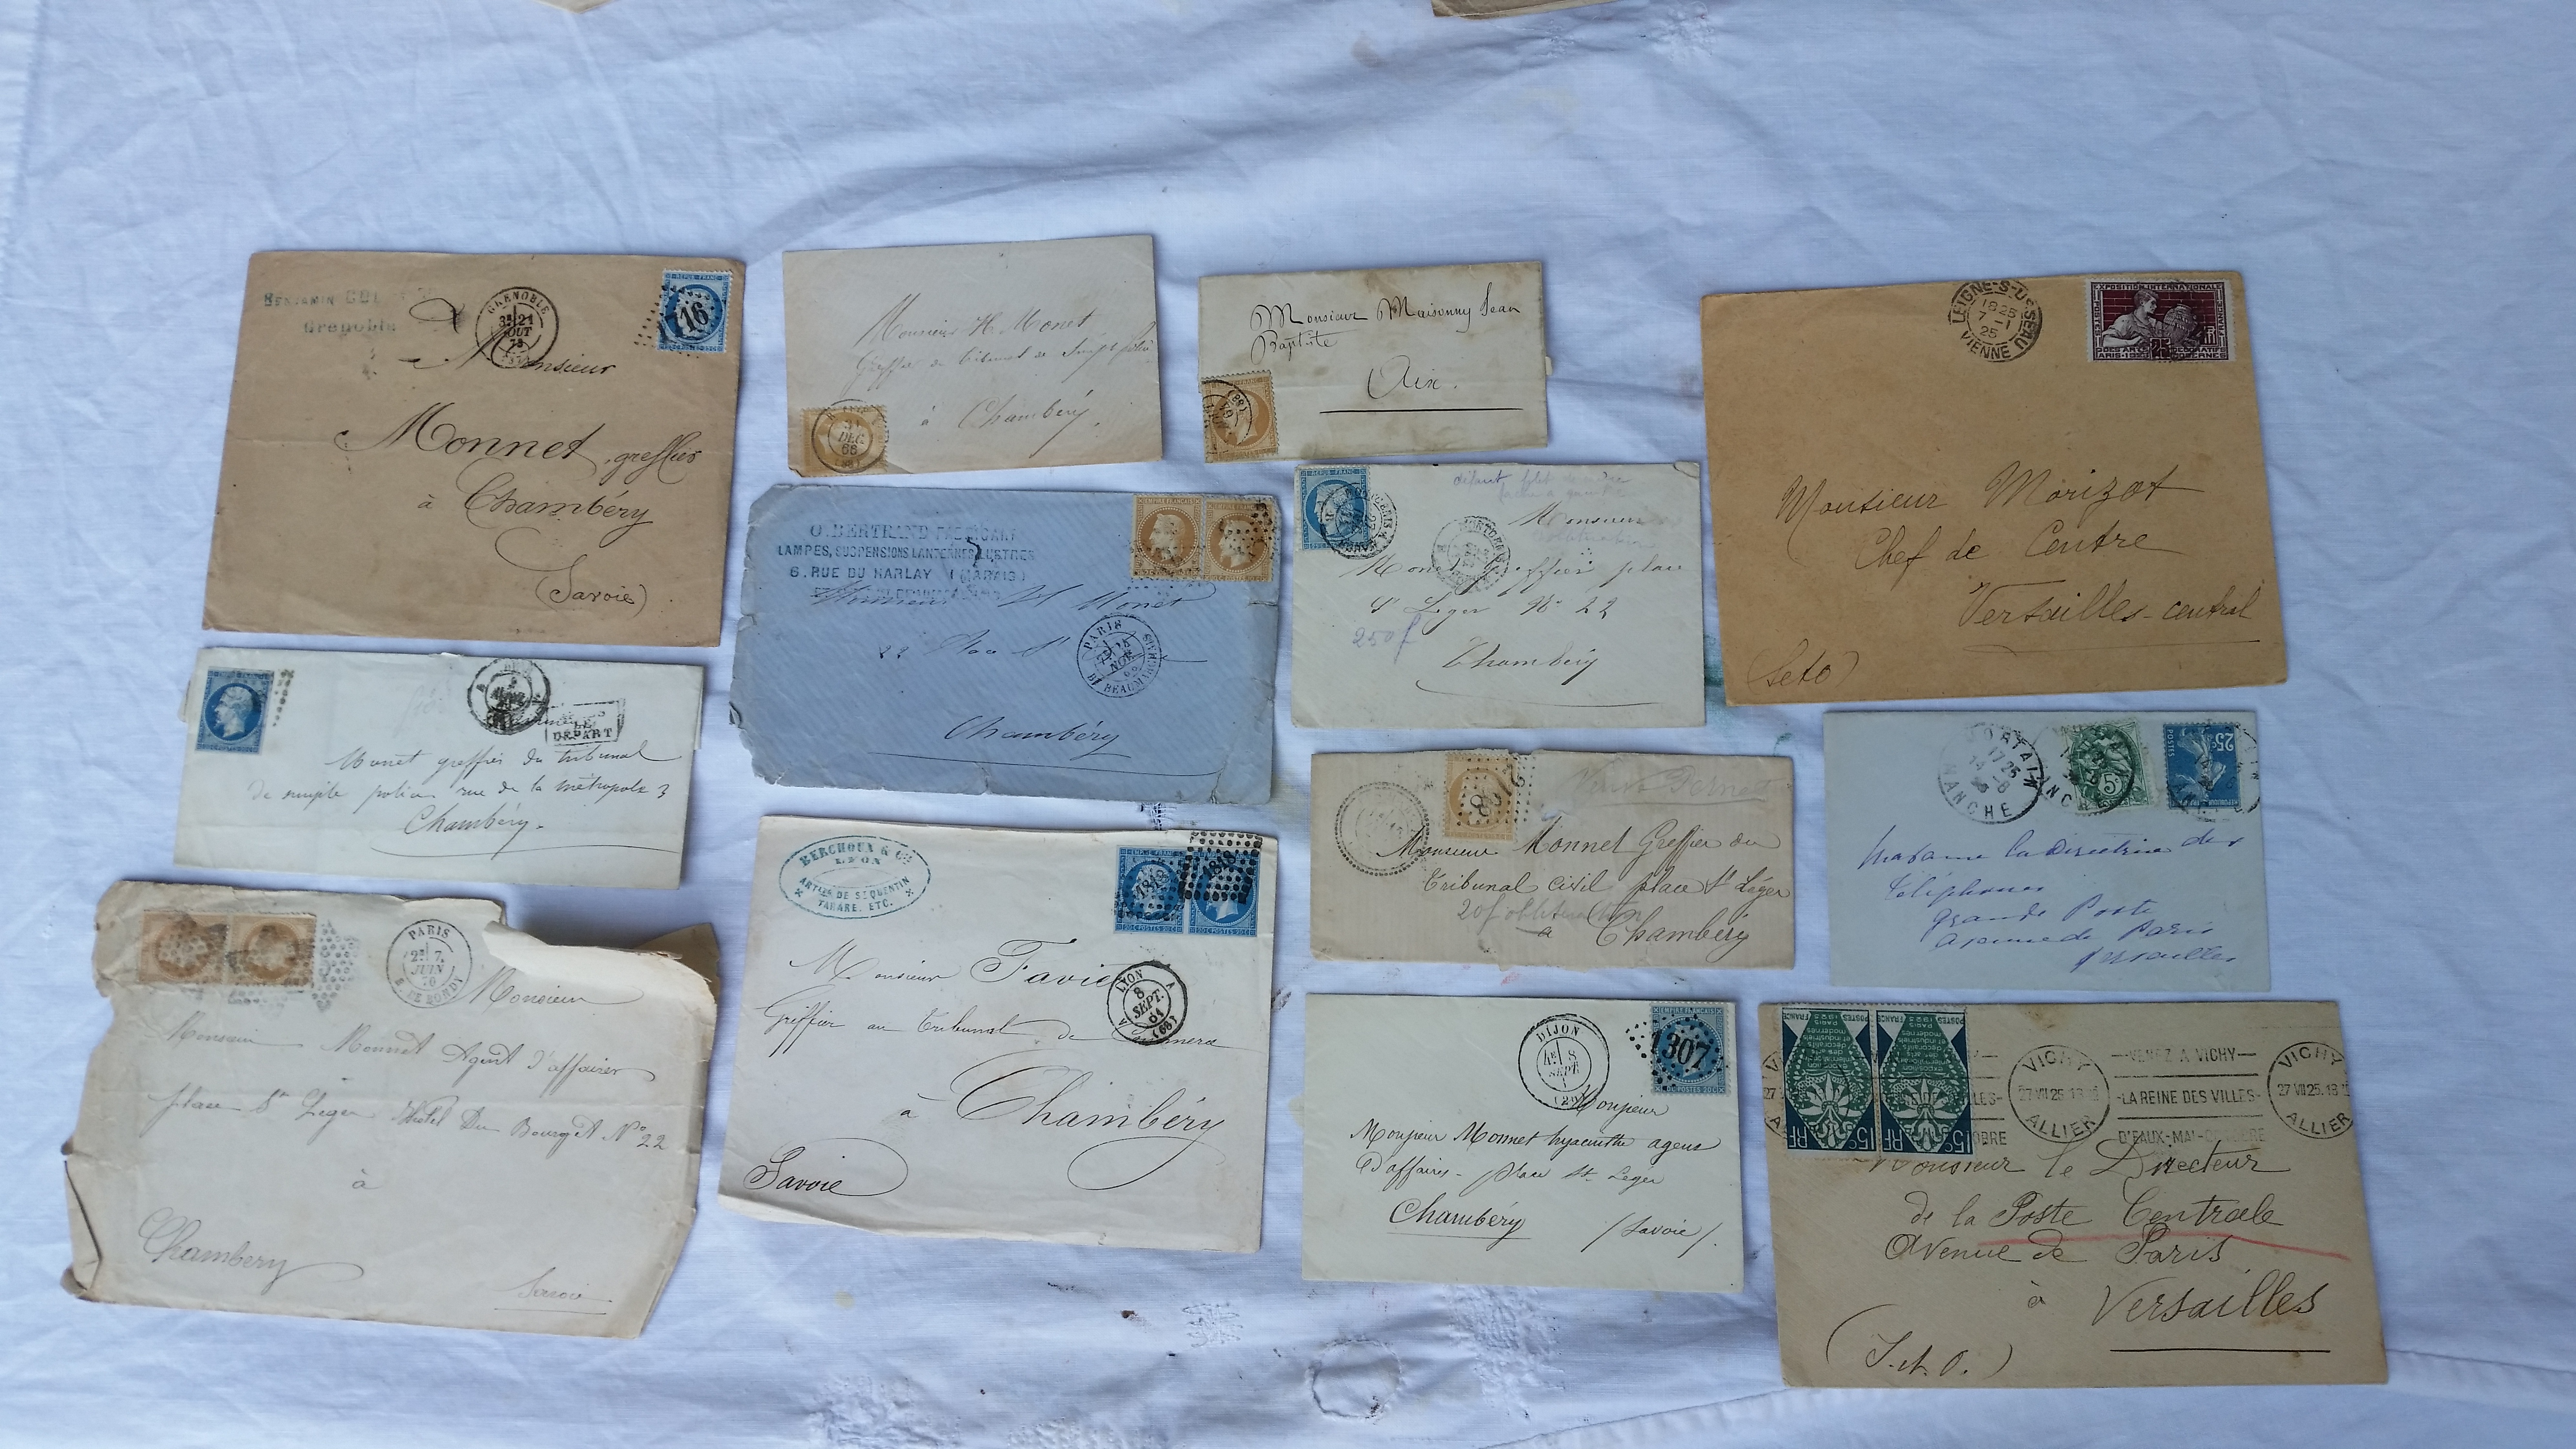 demande particulière pour un pote philateliste (traitement à l'image) 82751020170816170009